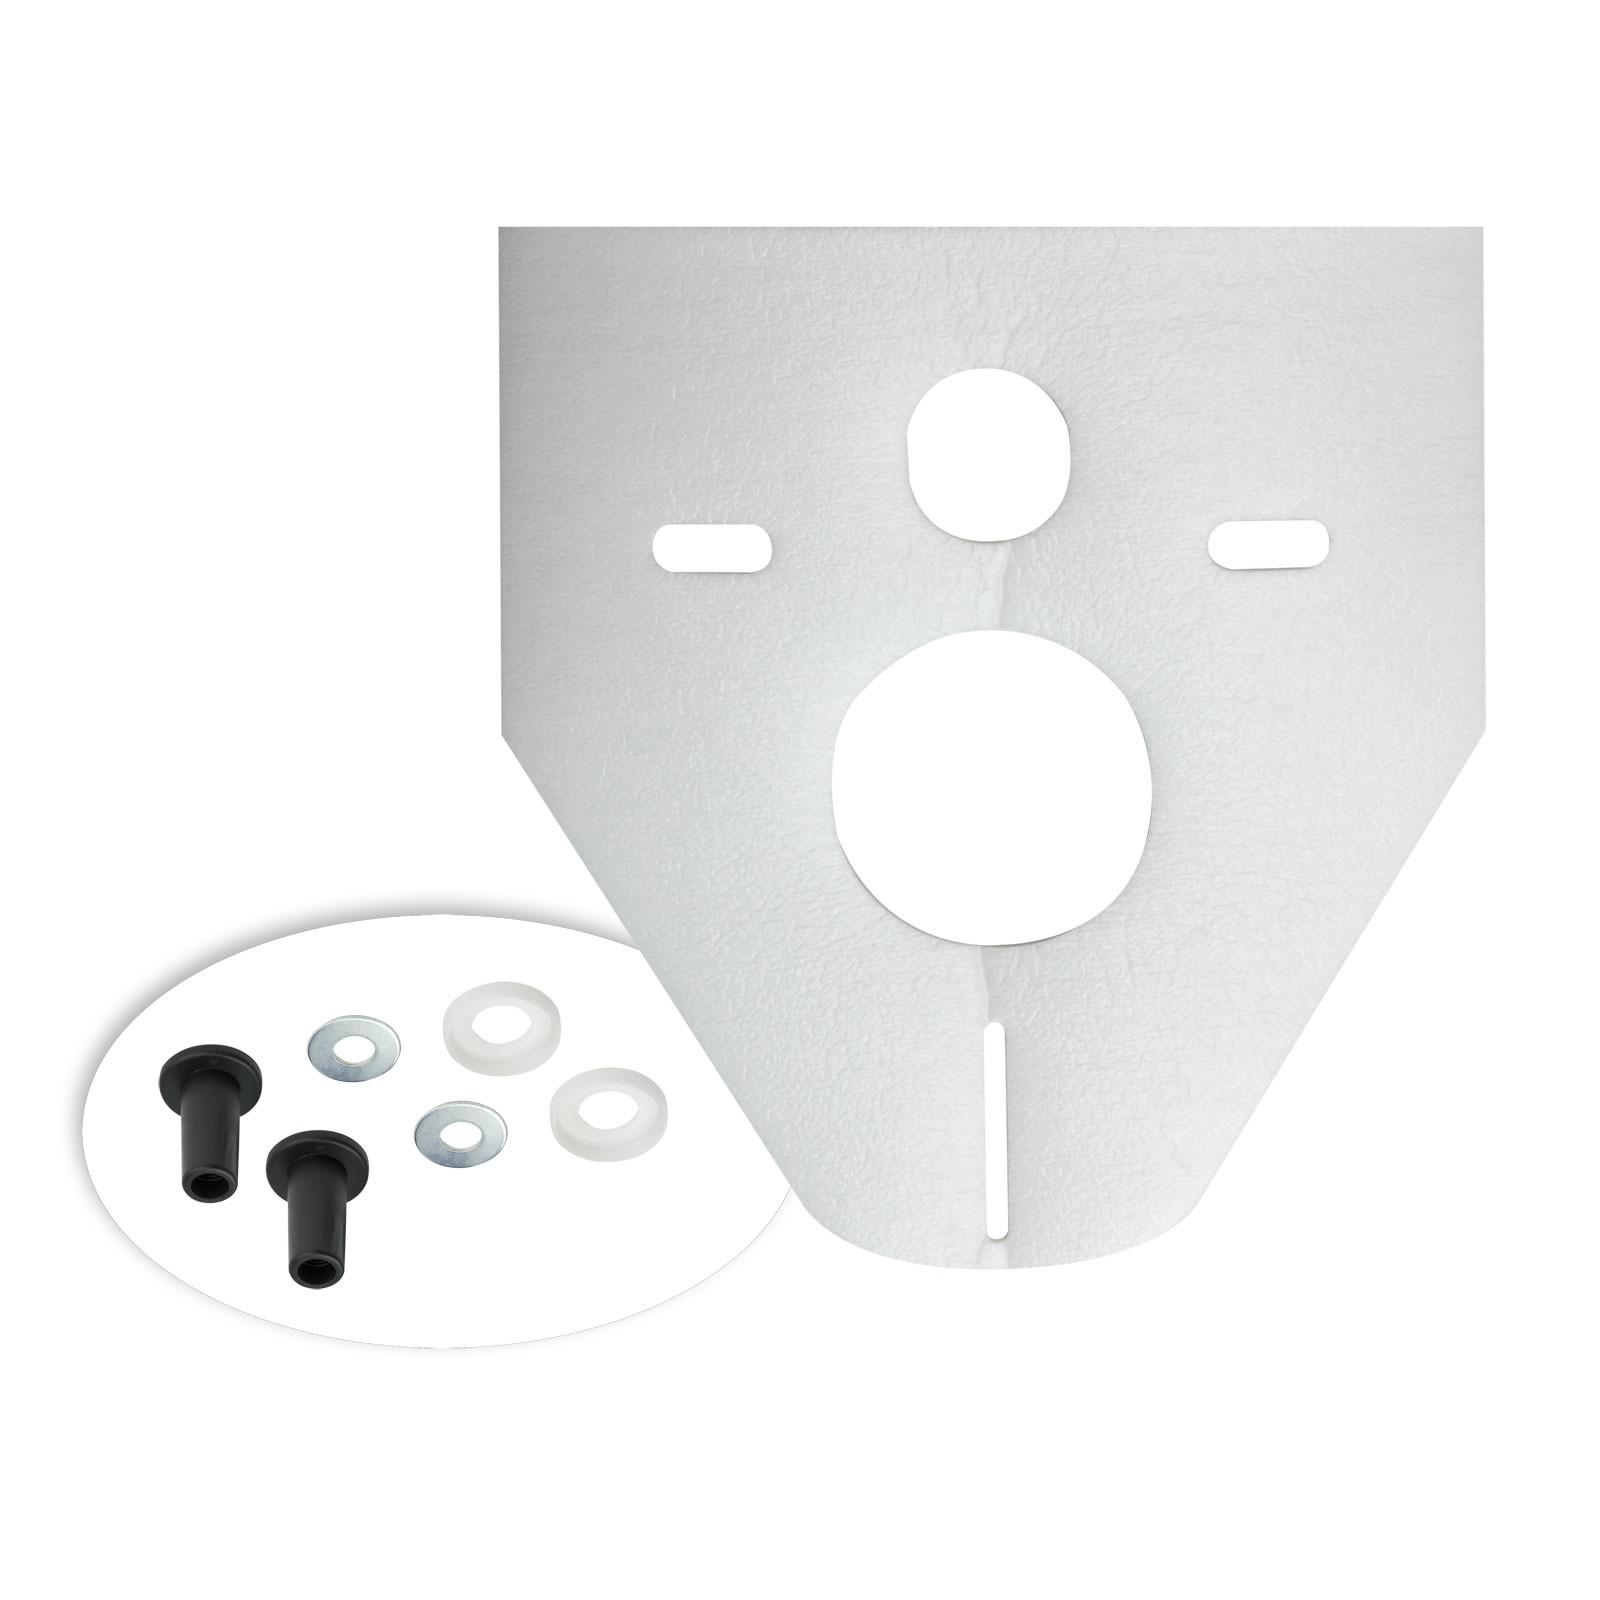 schallschutzunterlage 422 x 372 mm wand wc schallschutz set. Black Bedroom Furniture Sets. Home Design Ideas